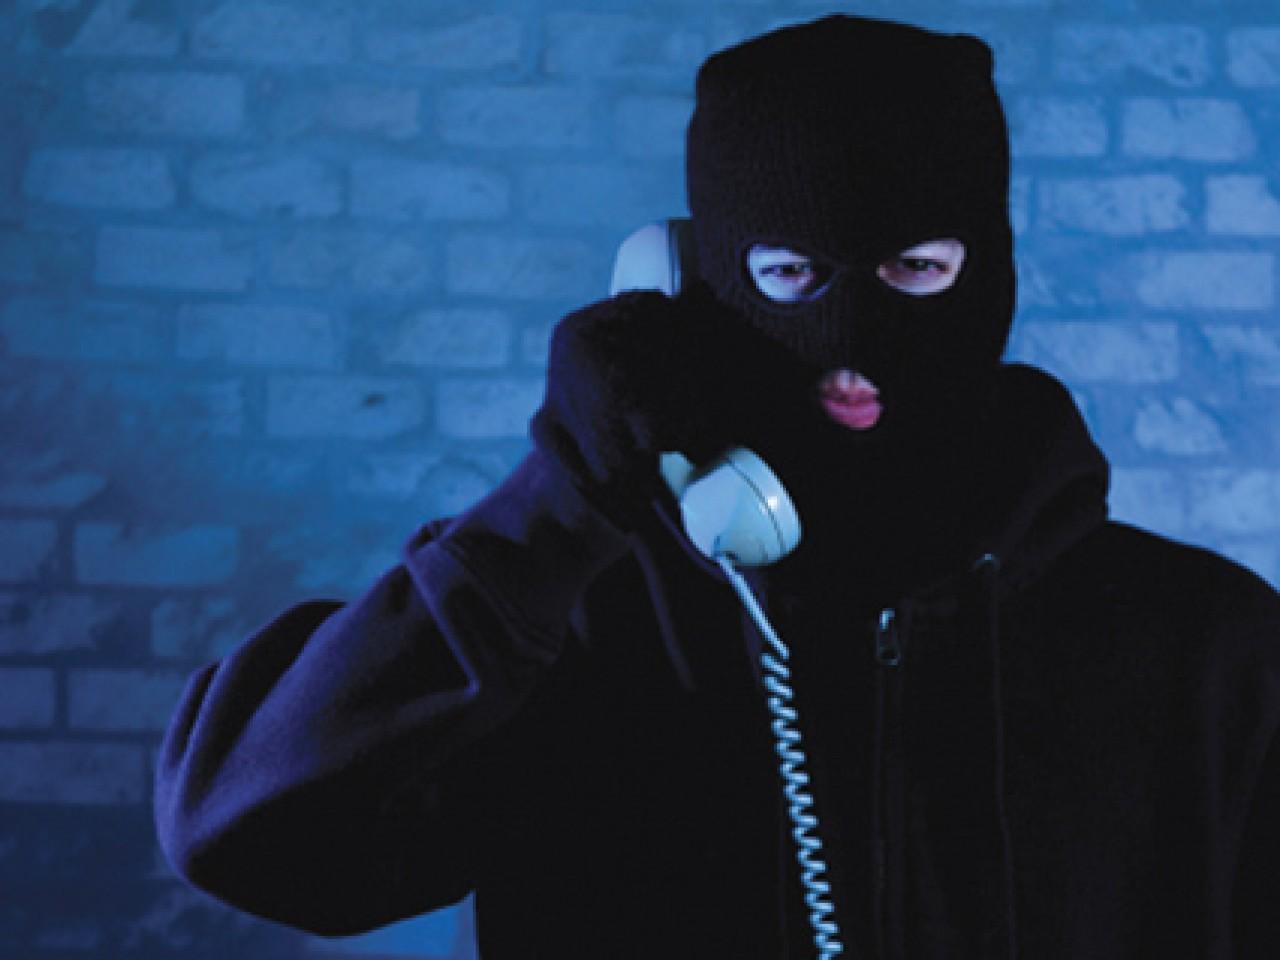 telefonnyy_terrorizm